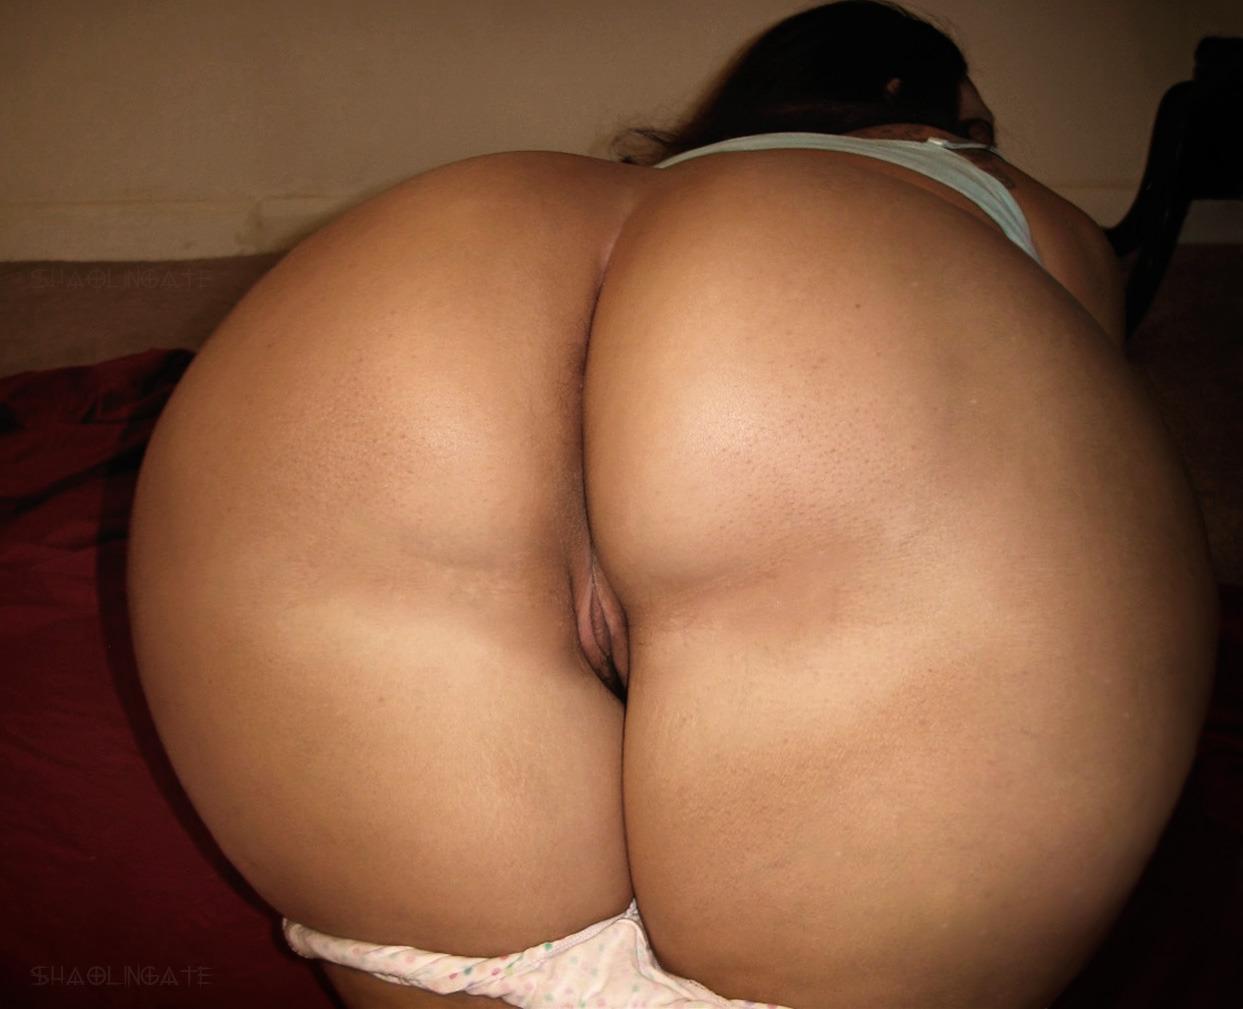 ass Bubble butt